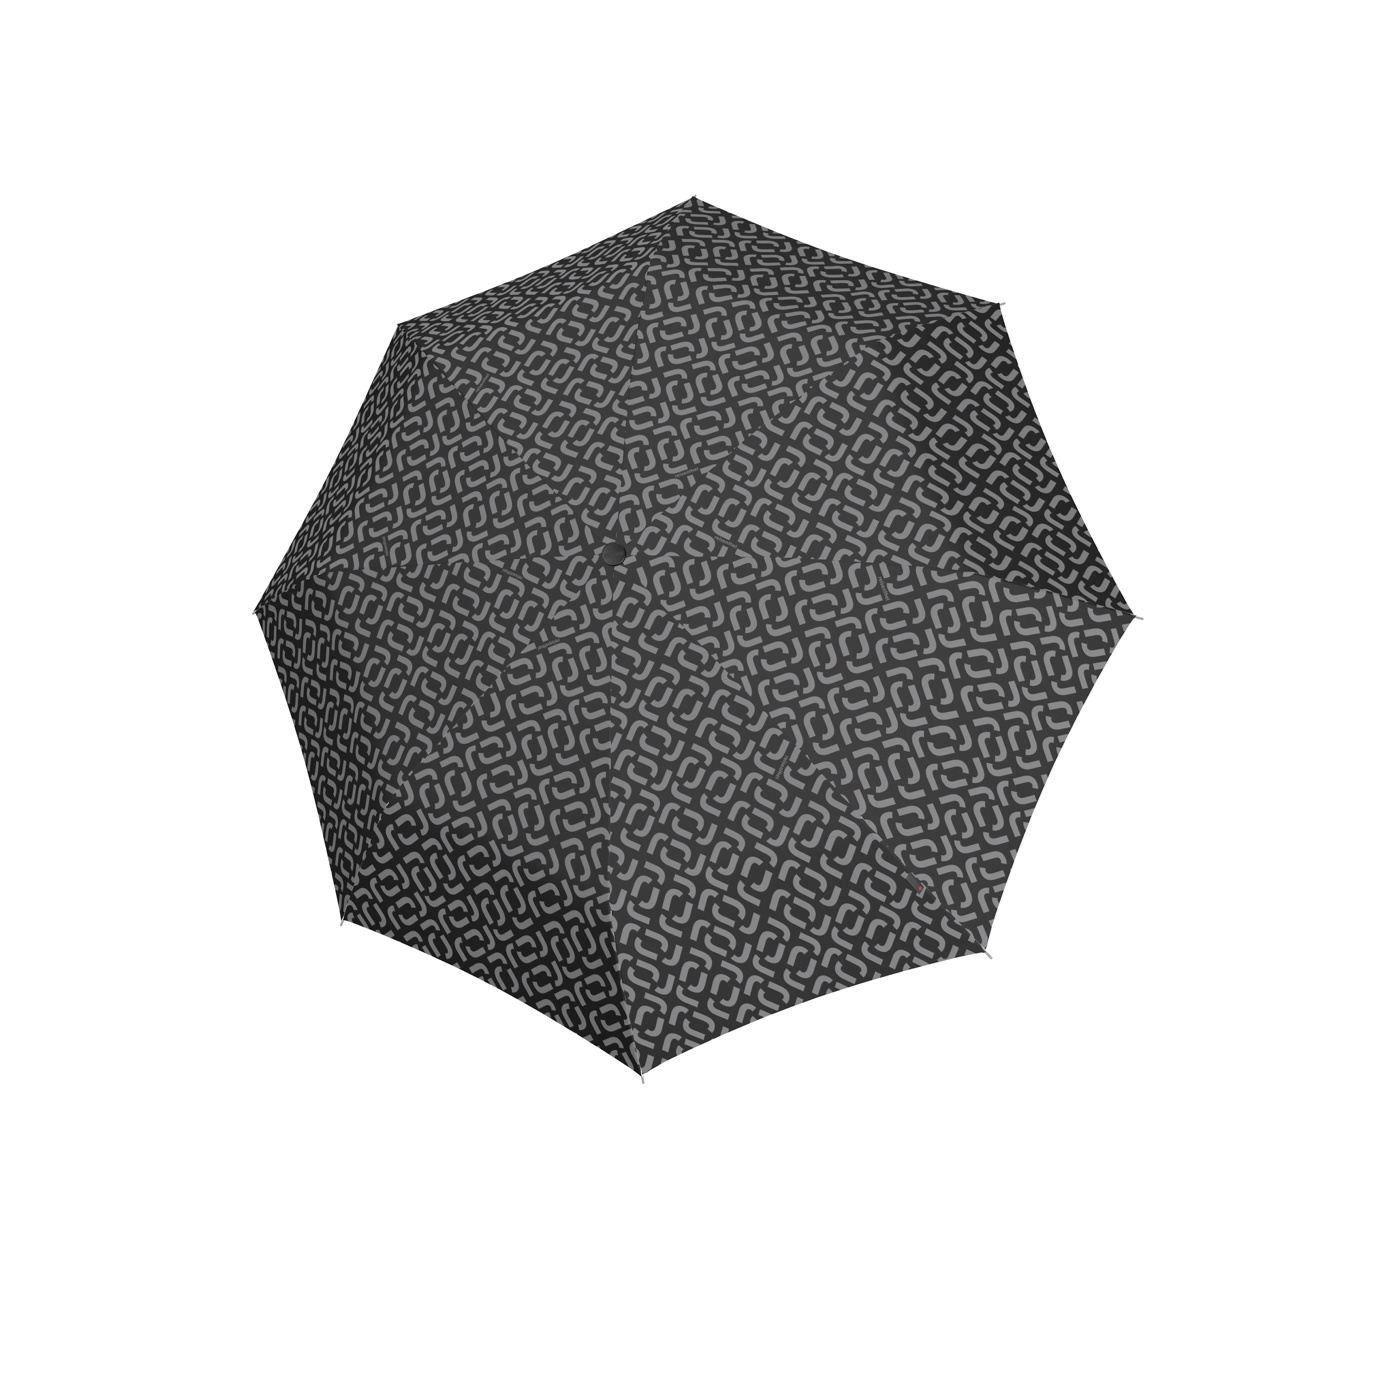 Deštník Umbrella Pocket Classic signature black_1